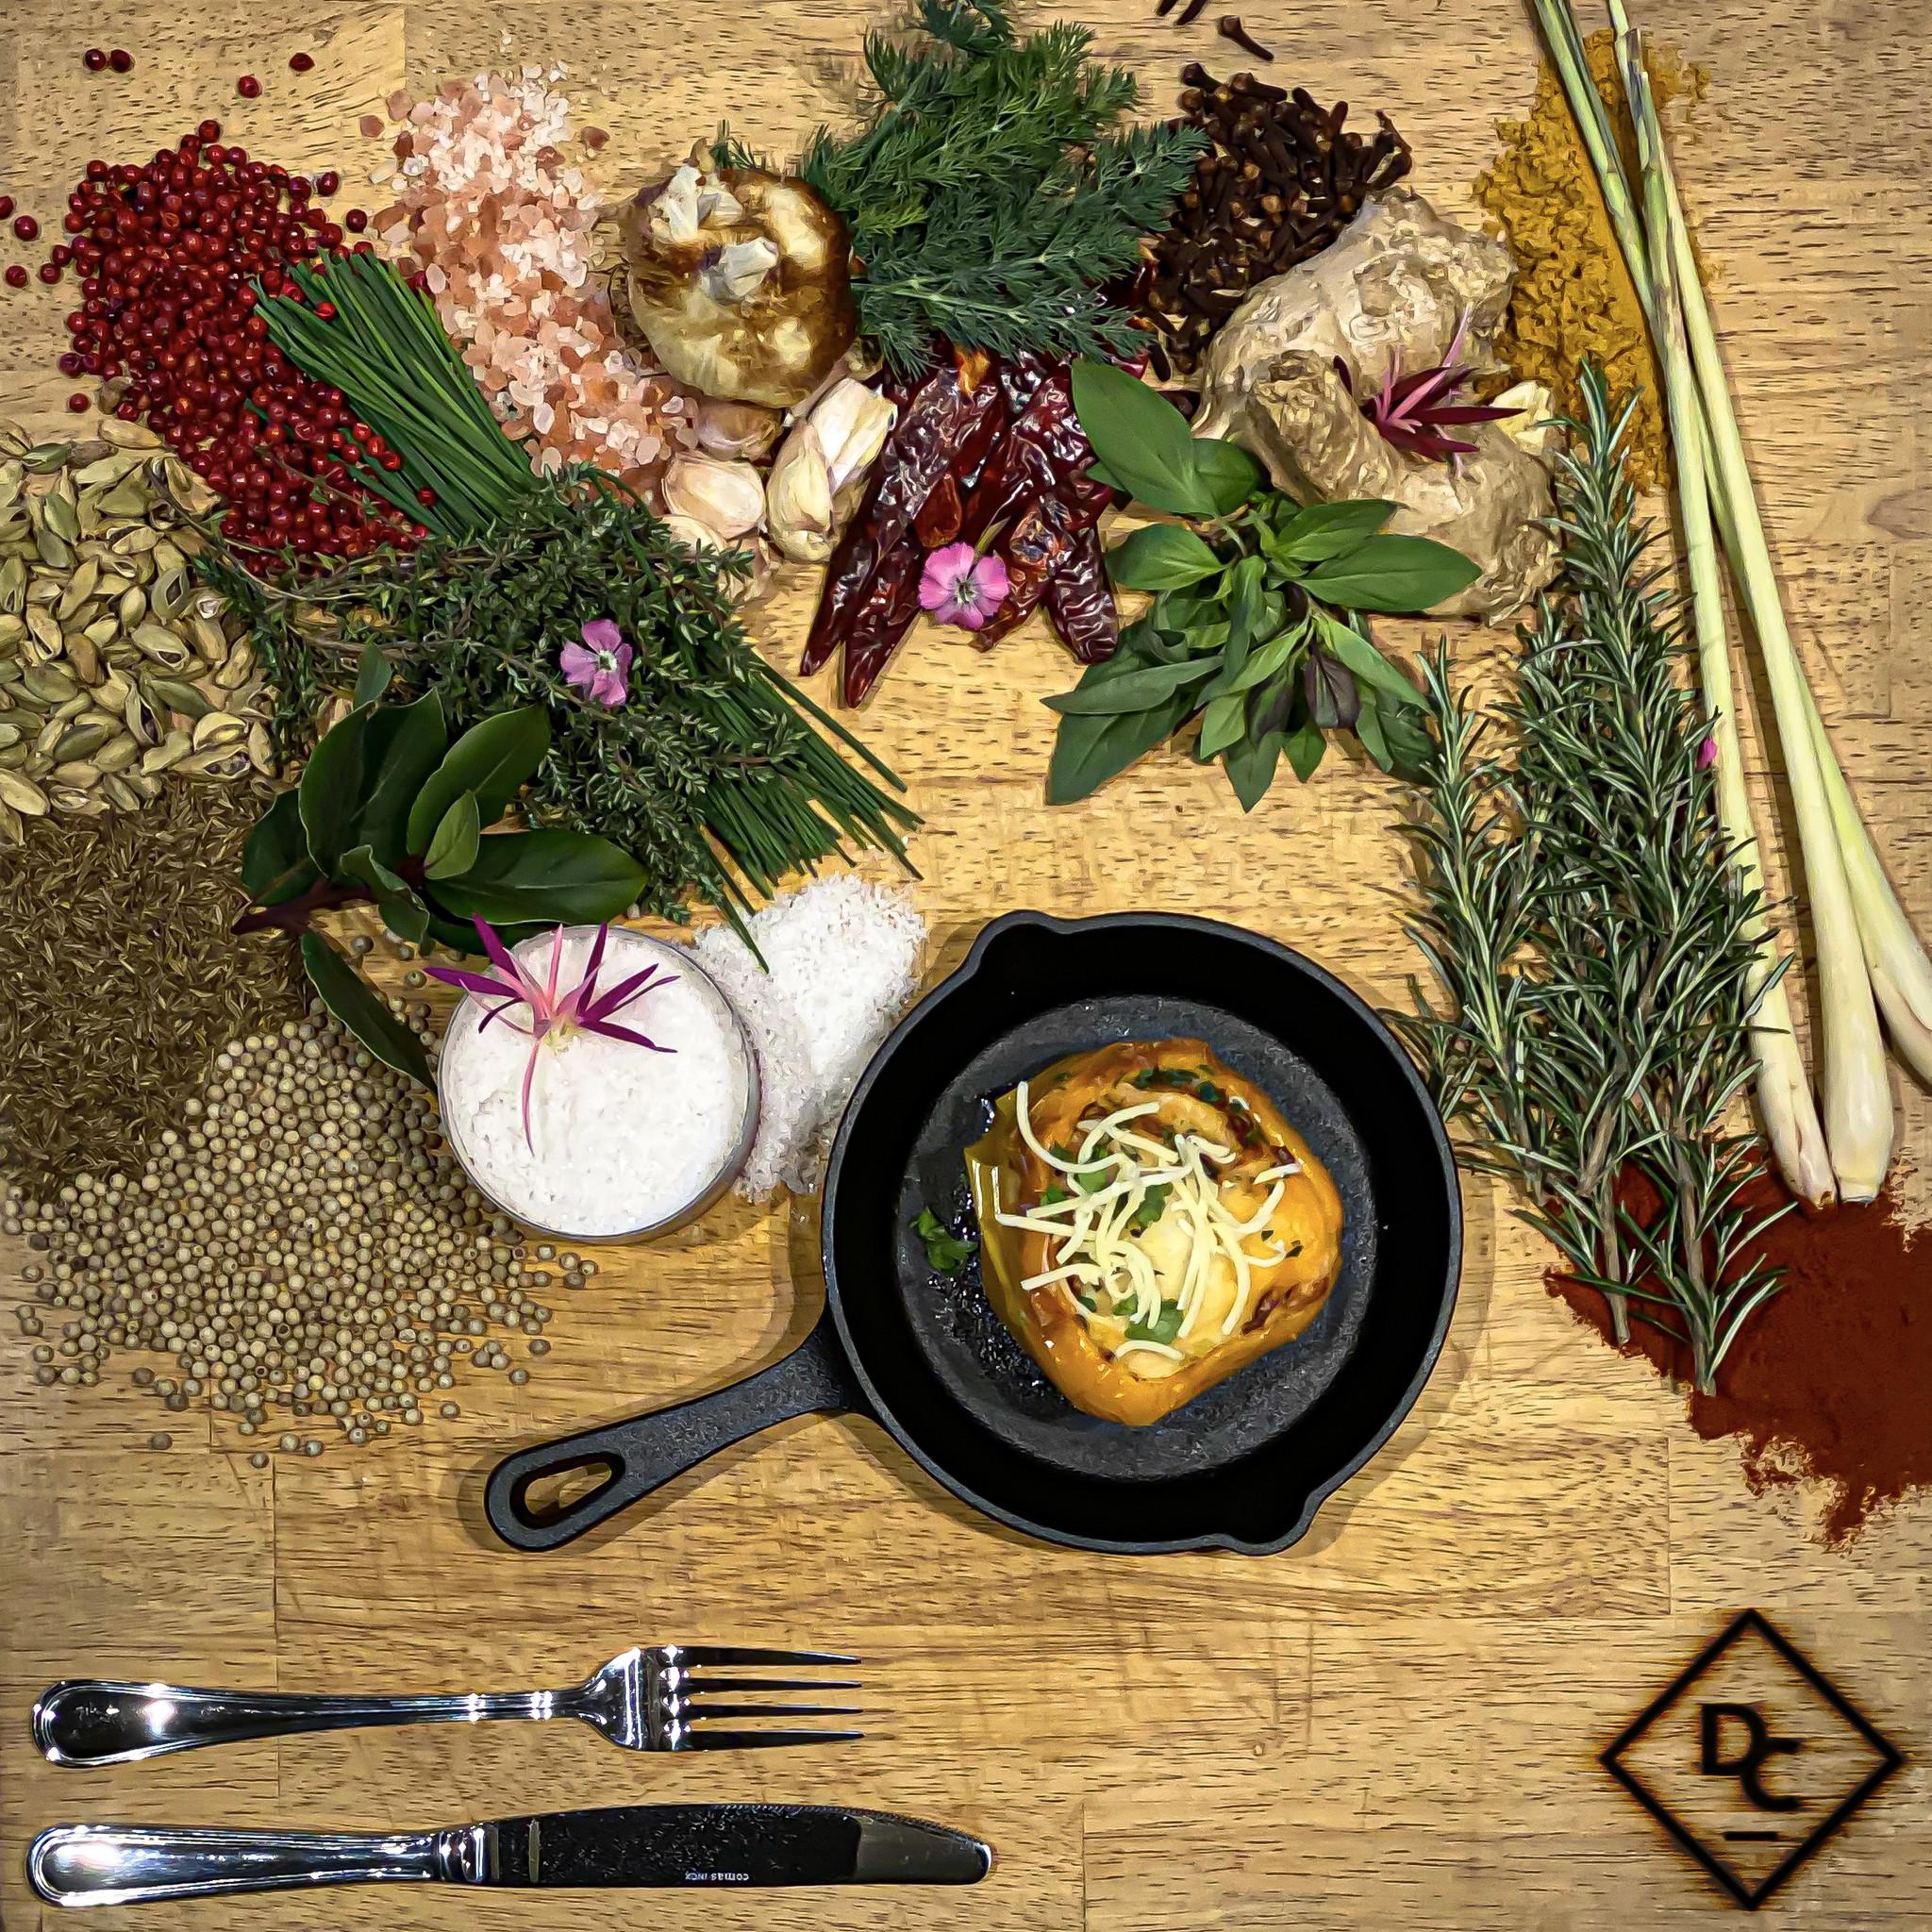 Opgevulde paprika | gevogelte gehakt | Emmenthaler-1